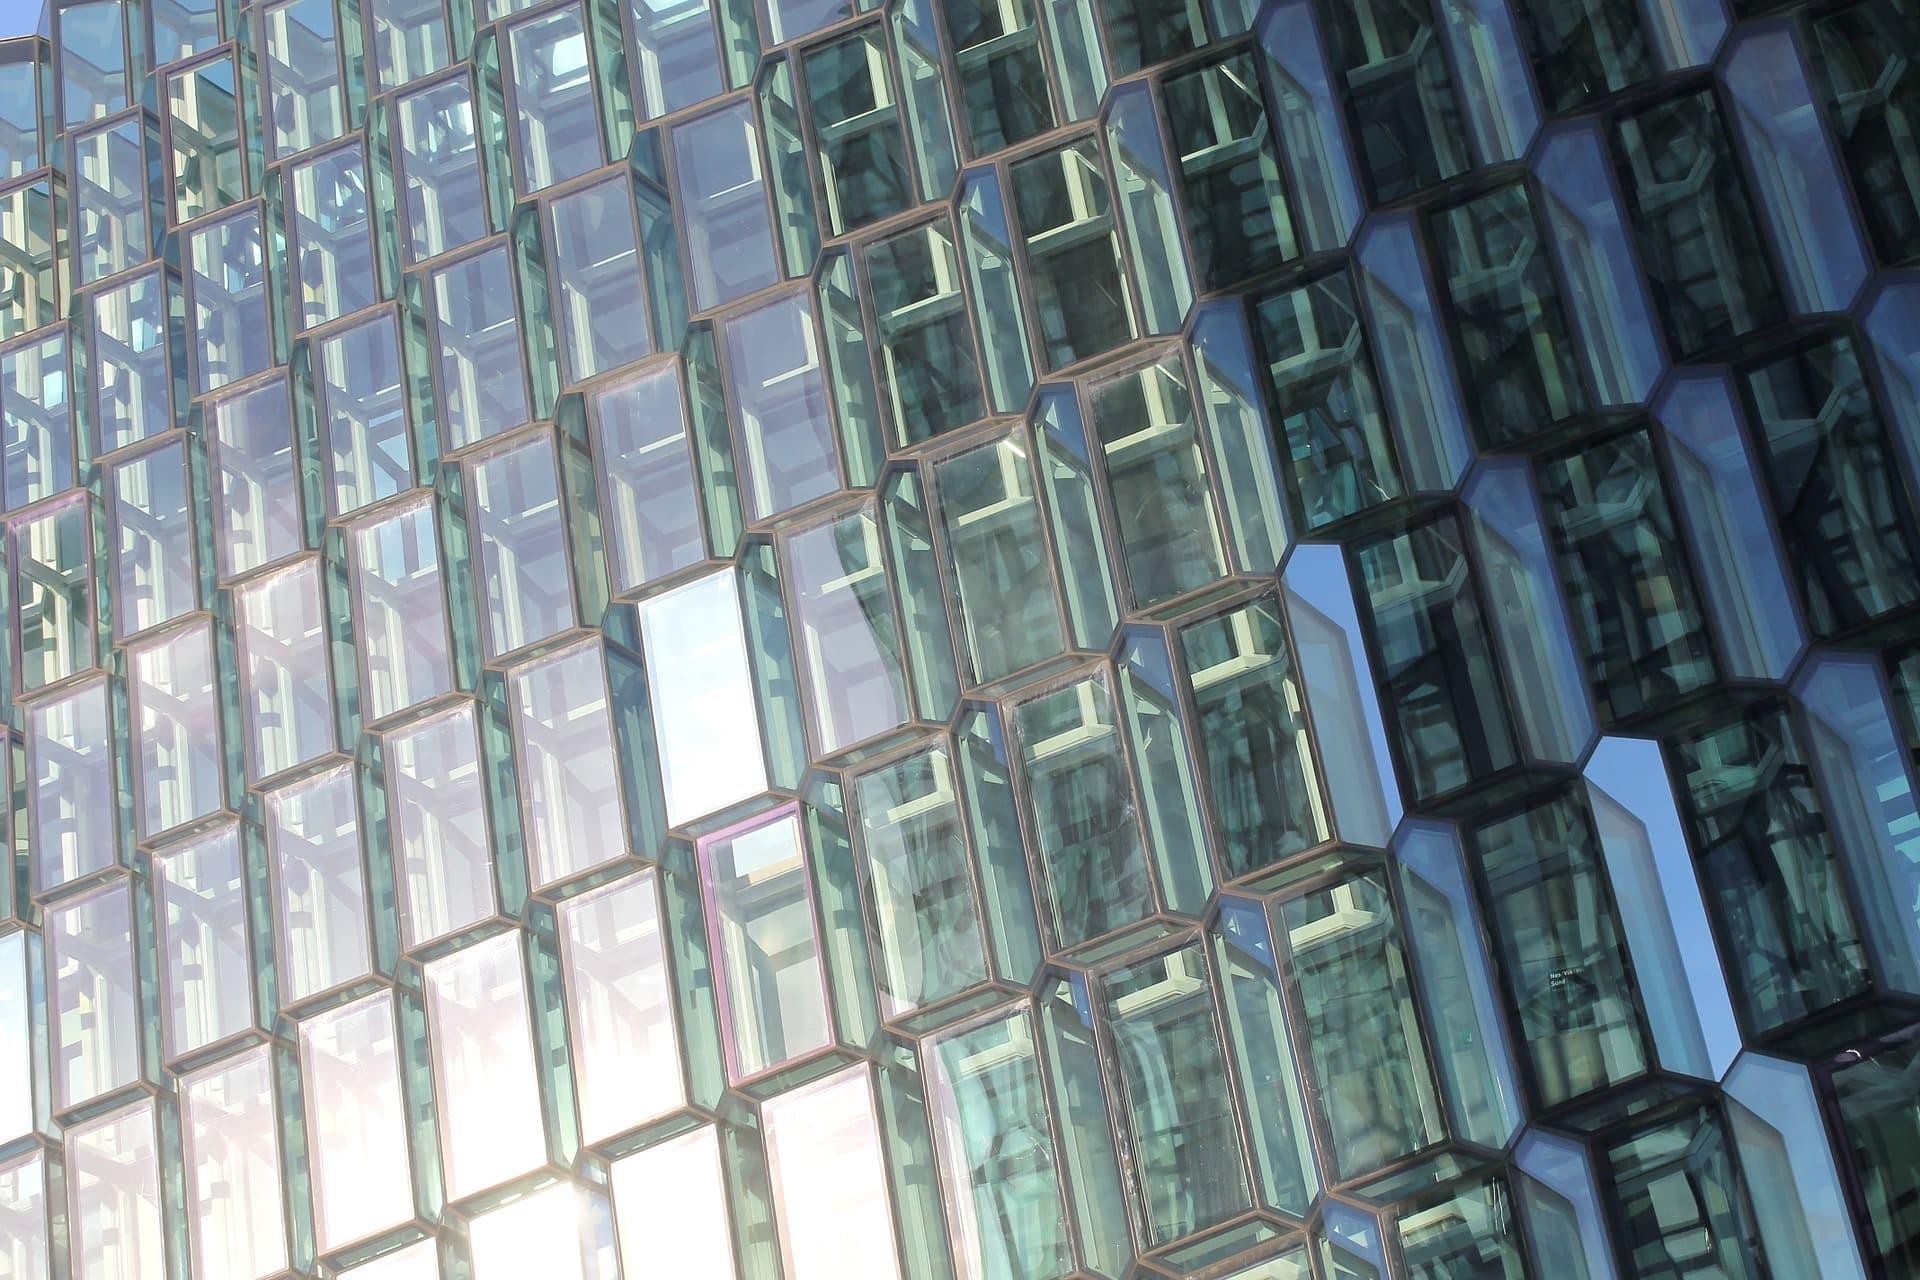 Transparenz auf dem Immobilienmarkt: Andere Länder, andere Sitten